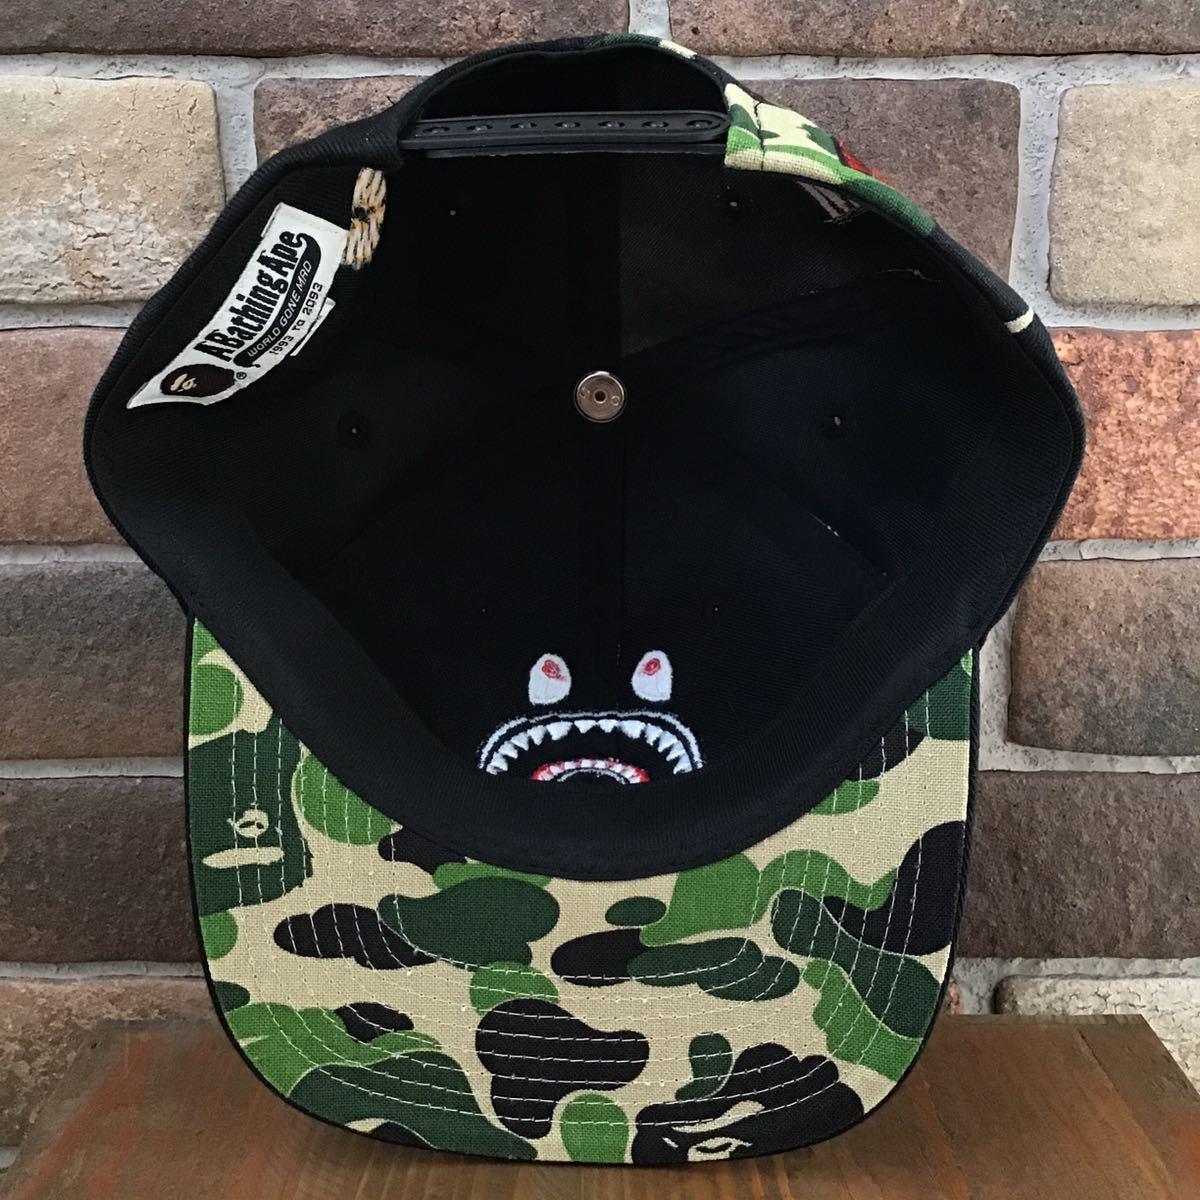 シャーク キャップ ABC camo green a bathing ape bape shark cap 帽子 WGM エイプ ベイプ アベイシングエイプ trucker hat 迷彩 2523